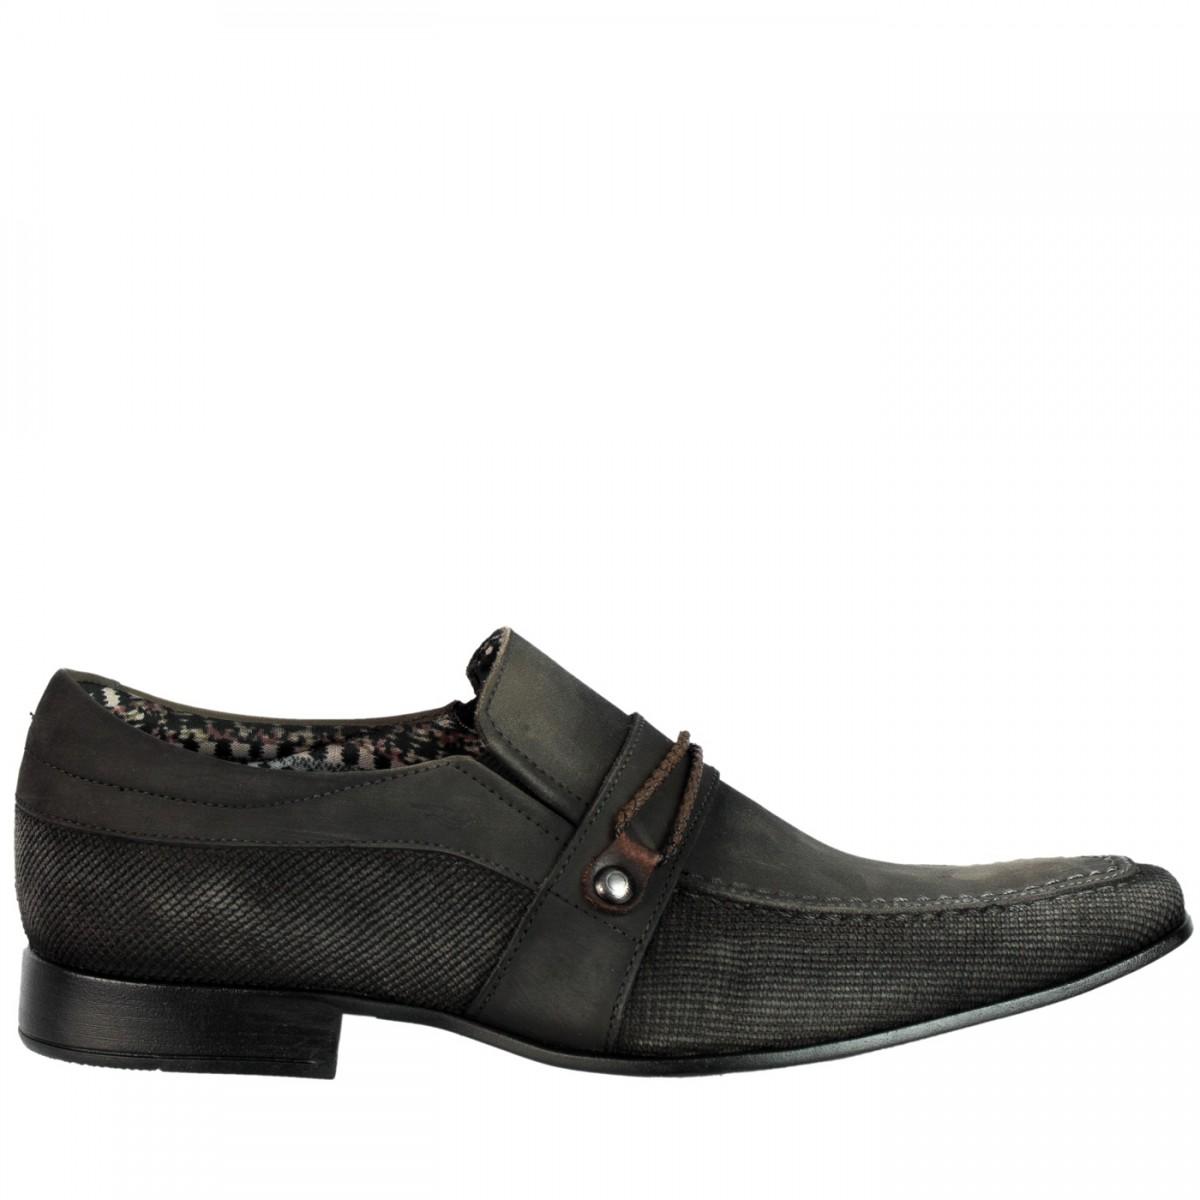 cb16fda704 Bizz Store - Sapato Social Masculino Rafarillo Magnum Cinza